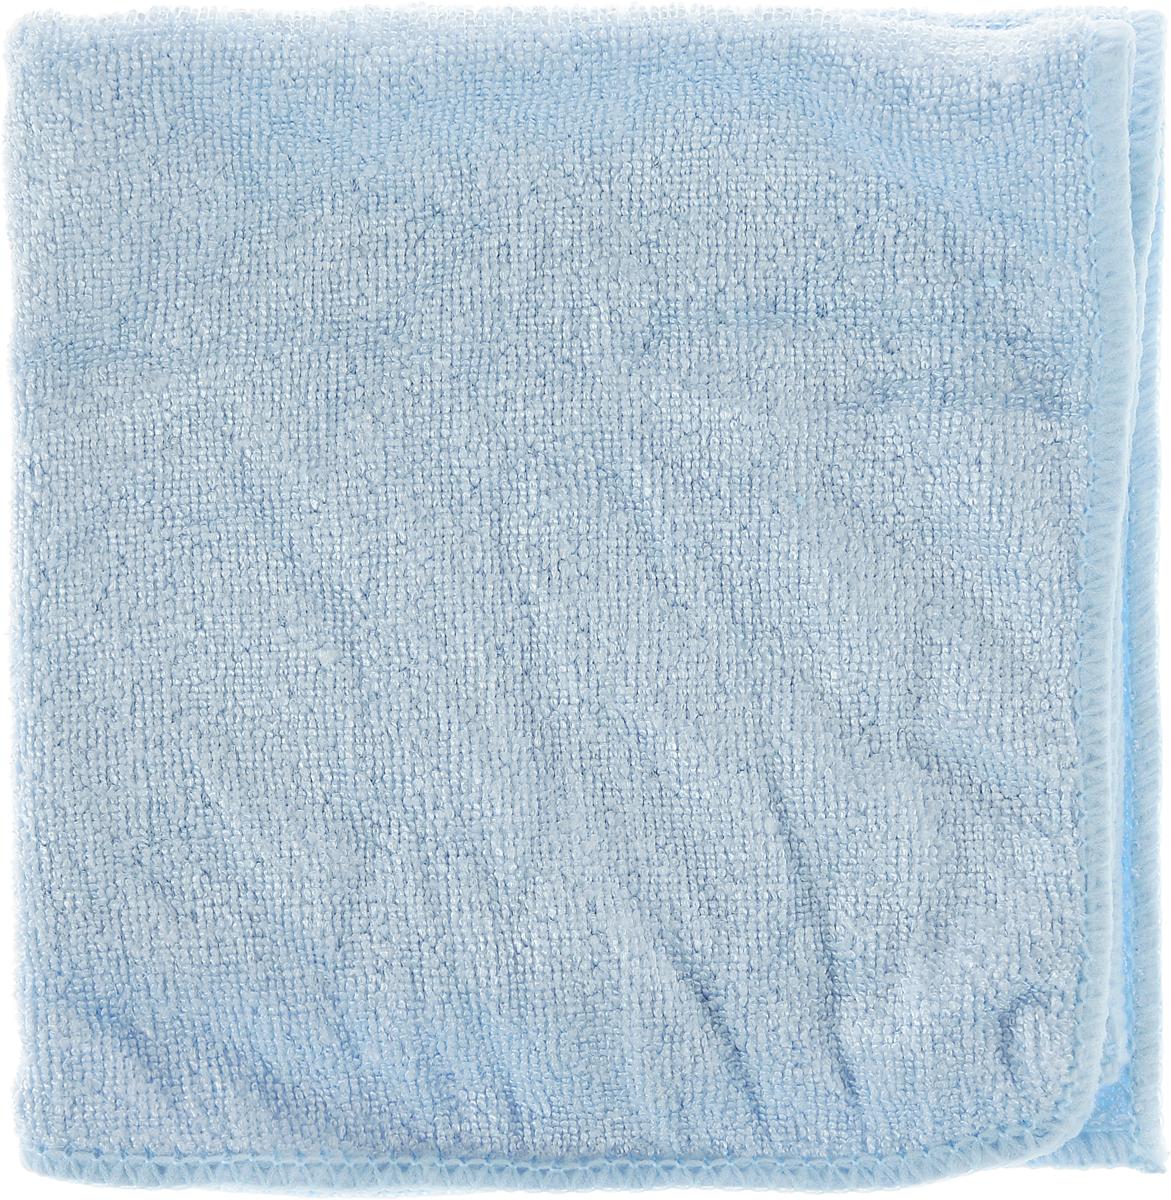 Салфетка из микрофибры для уборки Youll Love, цвет: светло-голубой, 30 х 30 см58044_светло-голубойСалфетка Youll Love, изготовленная из полиэфира 70% и полиамида 30%, предназначена для очищения загрязнений на любых поверхностях. Изделие обладает высокой износоустойчивостью и рассчитано на многократное использование, легко моется в теплой воде с мягкими чистящими средствами. Супервпитывающая салфетка не оставляет разводов и ворсинок, удаляет большинство жирных и маслянистых загрязнений без использования химических средств. Размер салфетки: 30 х 30 см.